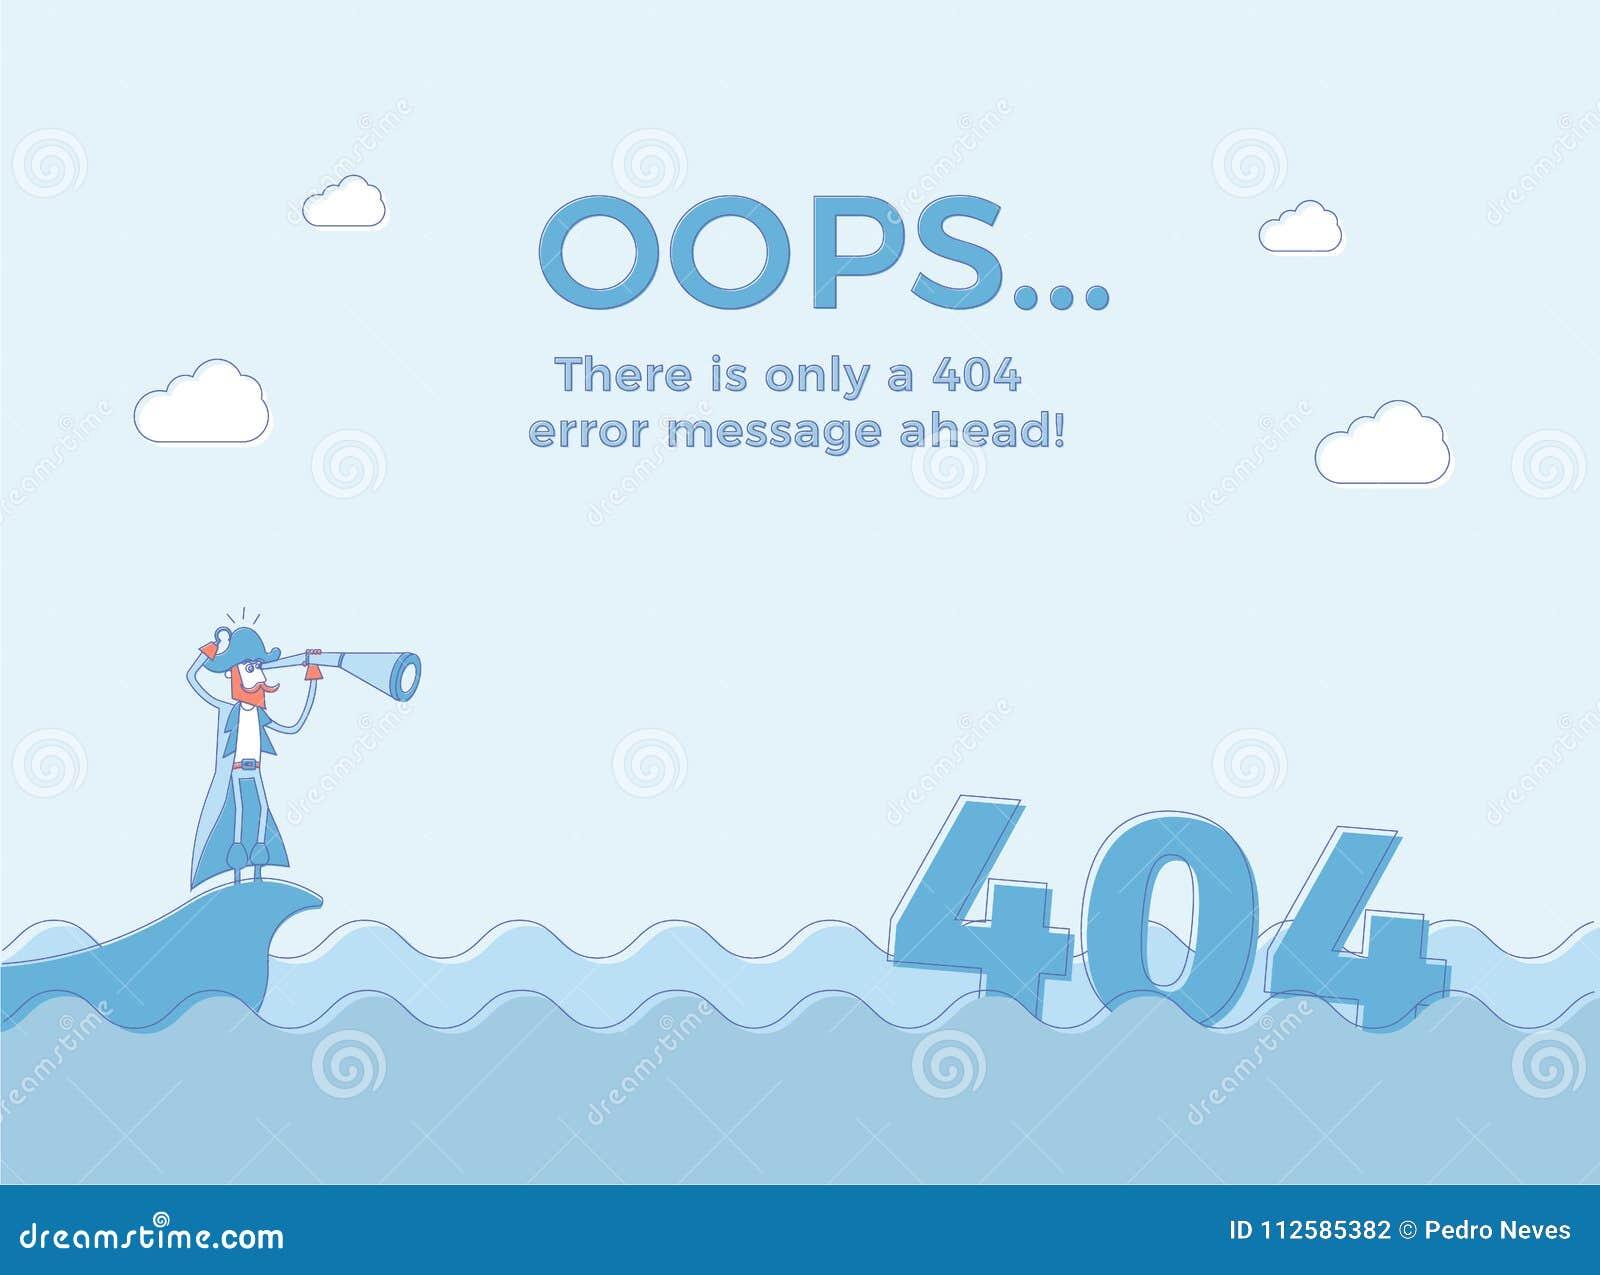 Плоская линия концепция для ошибки 404 страницы найденной Vector предпосылка иллюстрации с пиратом в море которое нашло 404